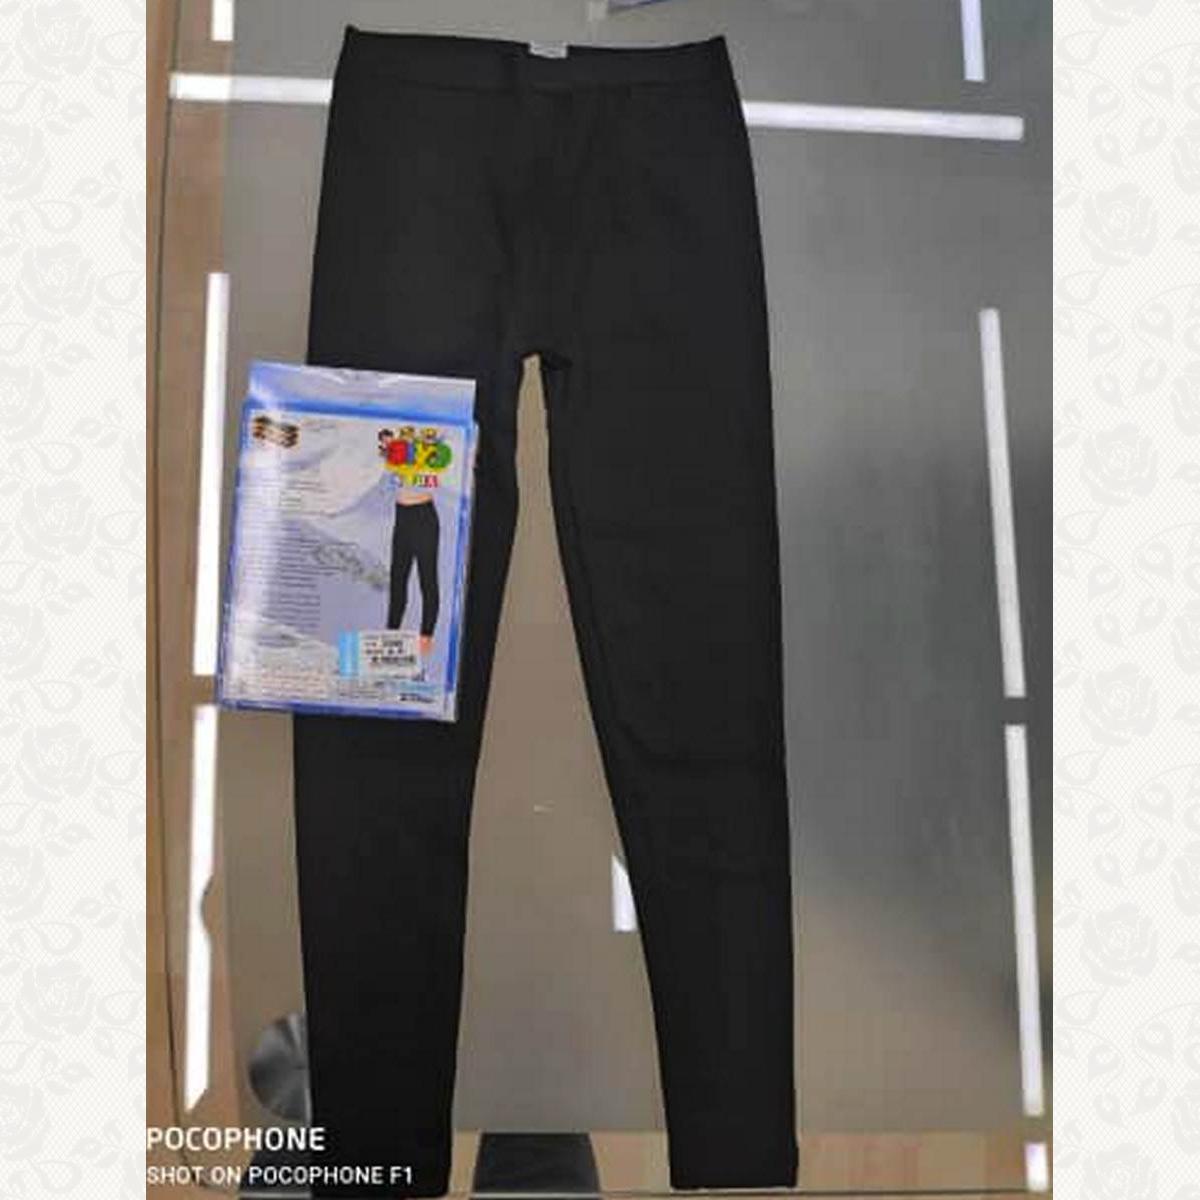 Термо лосины, цвет черный с фото, 2 шт.